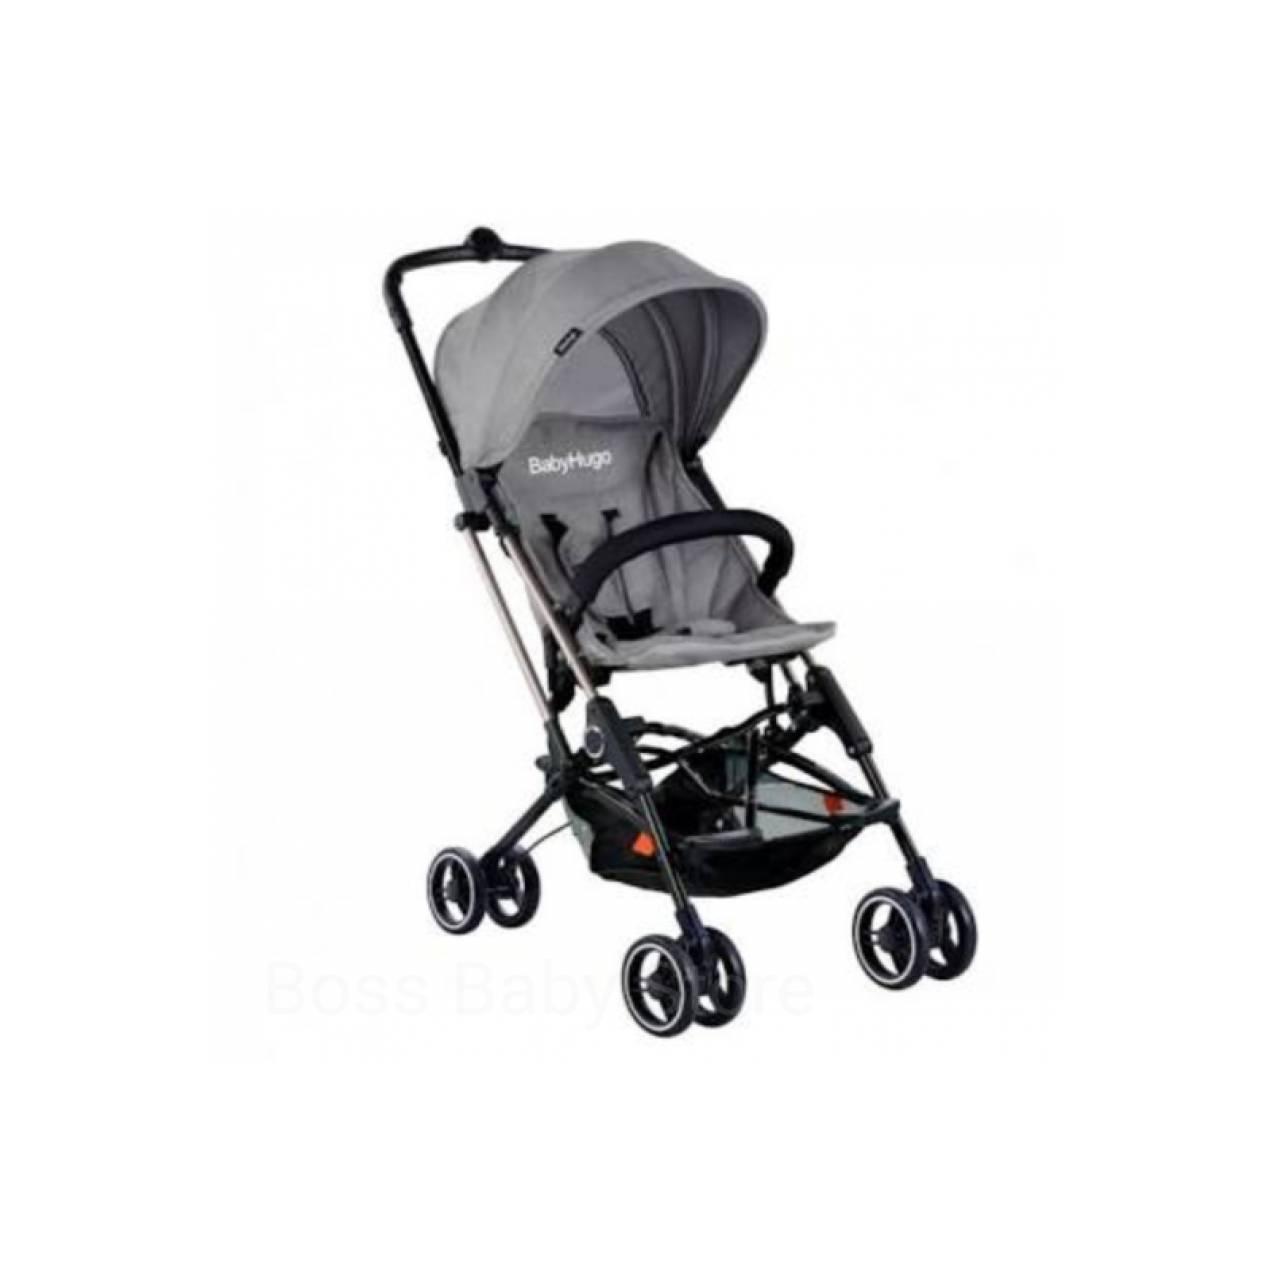 Seebaby Stroller Qq1 Cat Hijau2 Daftar Harga Terbaru Dan Q5 Hijau Titi Kamal Pilihanku Baby Kereta Bayi Hugo Cube 1221